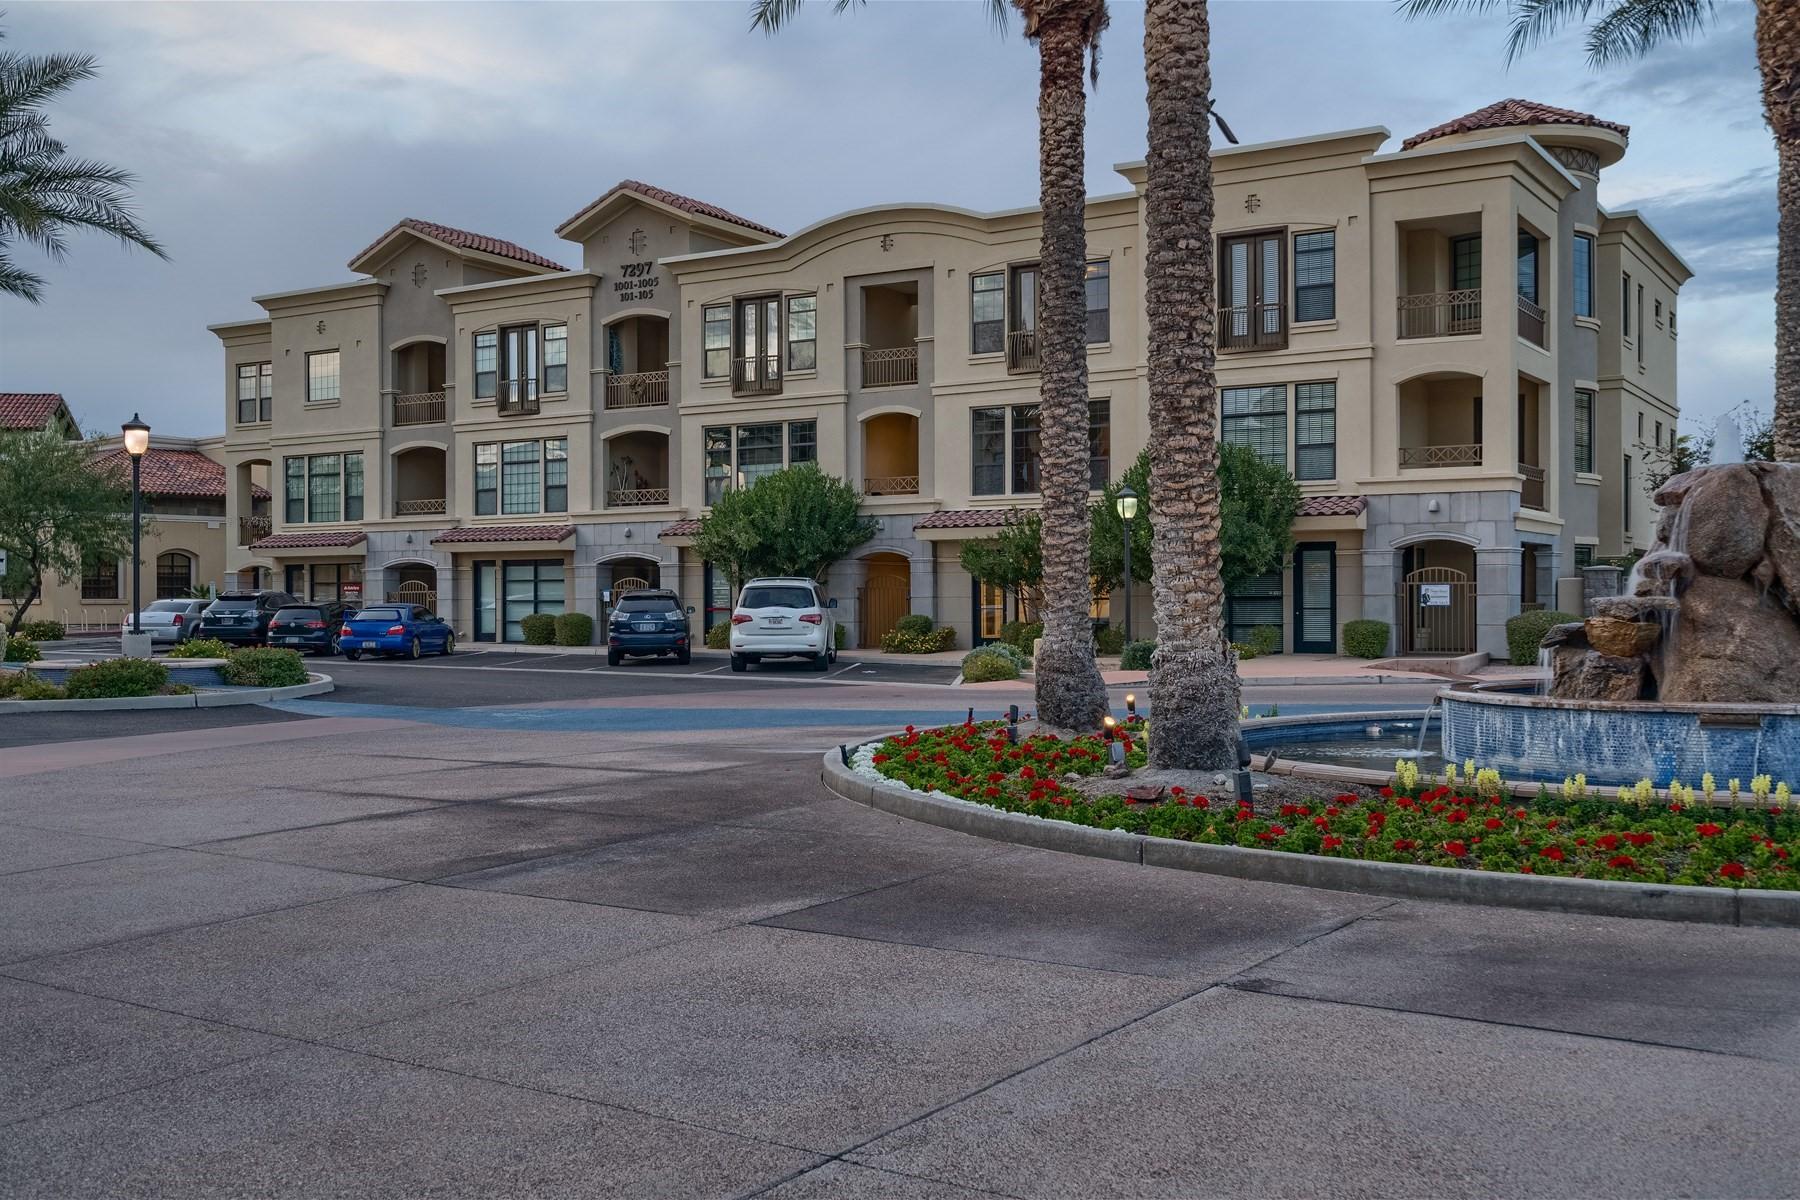 Stadthaus für Verkauf beim Beautiful home with gorgeous mountain views 7297 N Scottsdale Rd #1004 Scottsdale, Arizona, 85253 Vereinigte Staaten